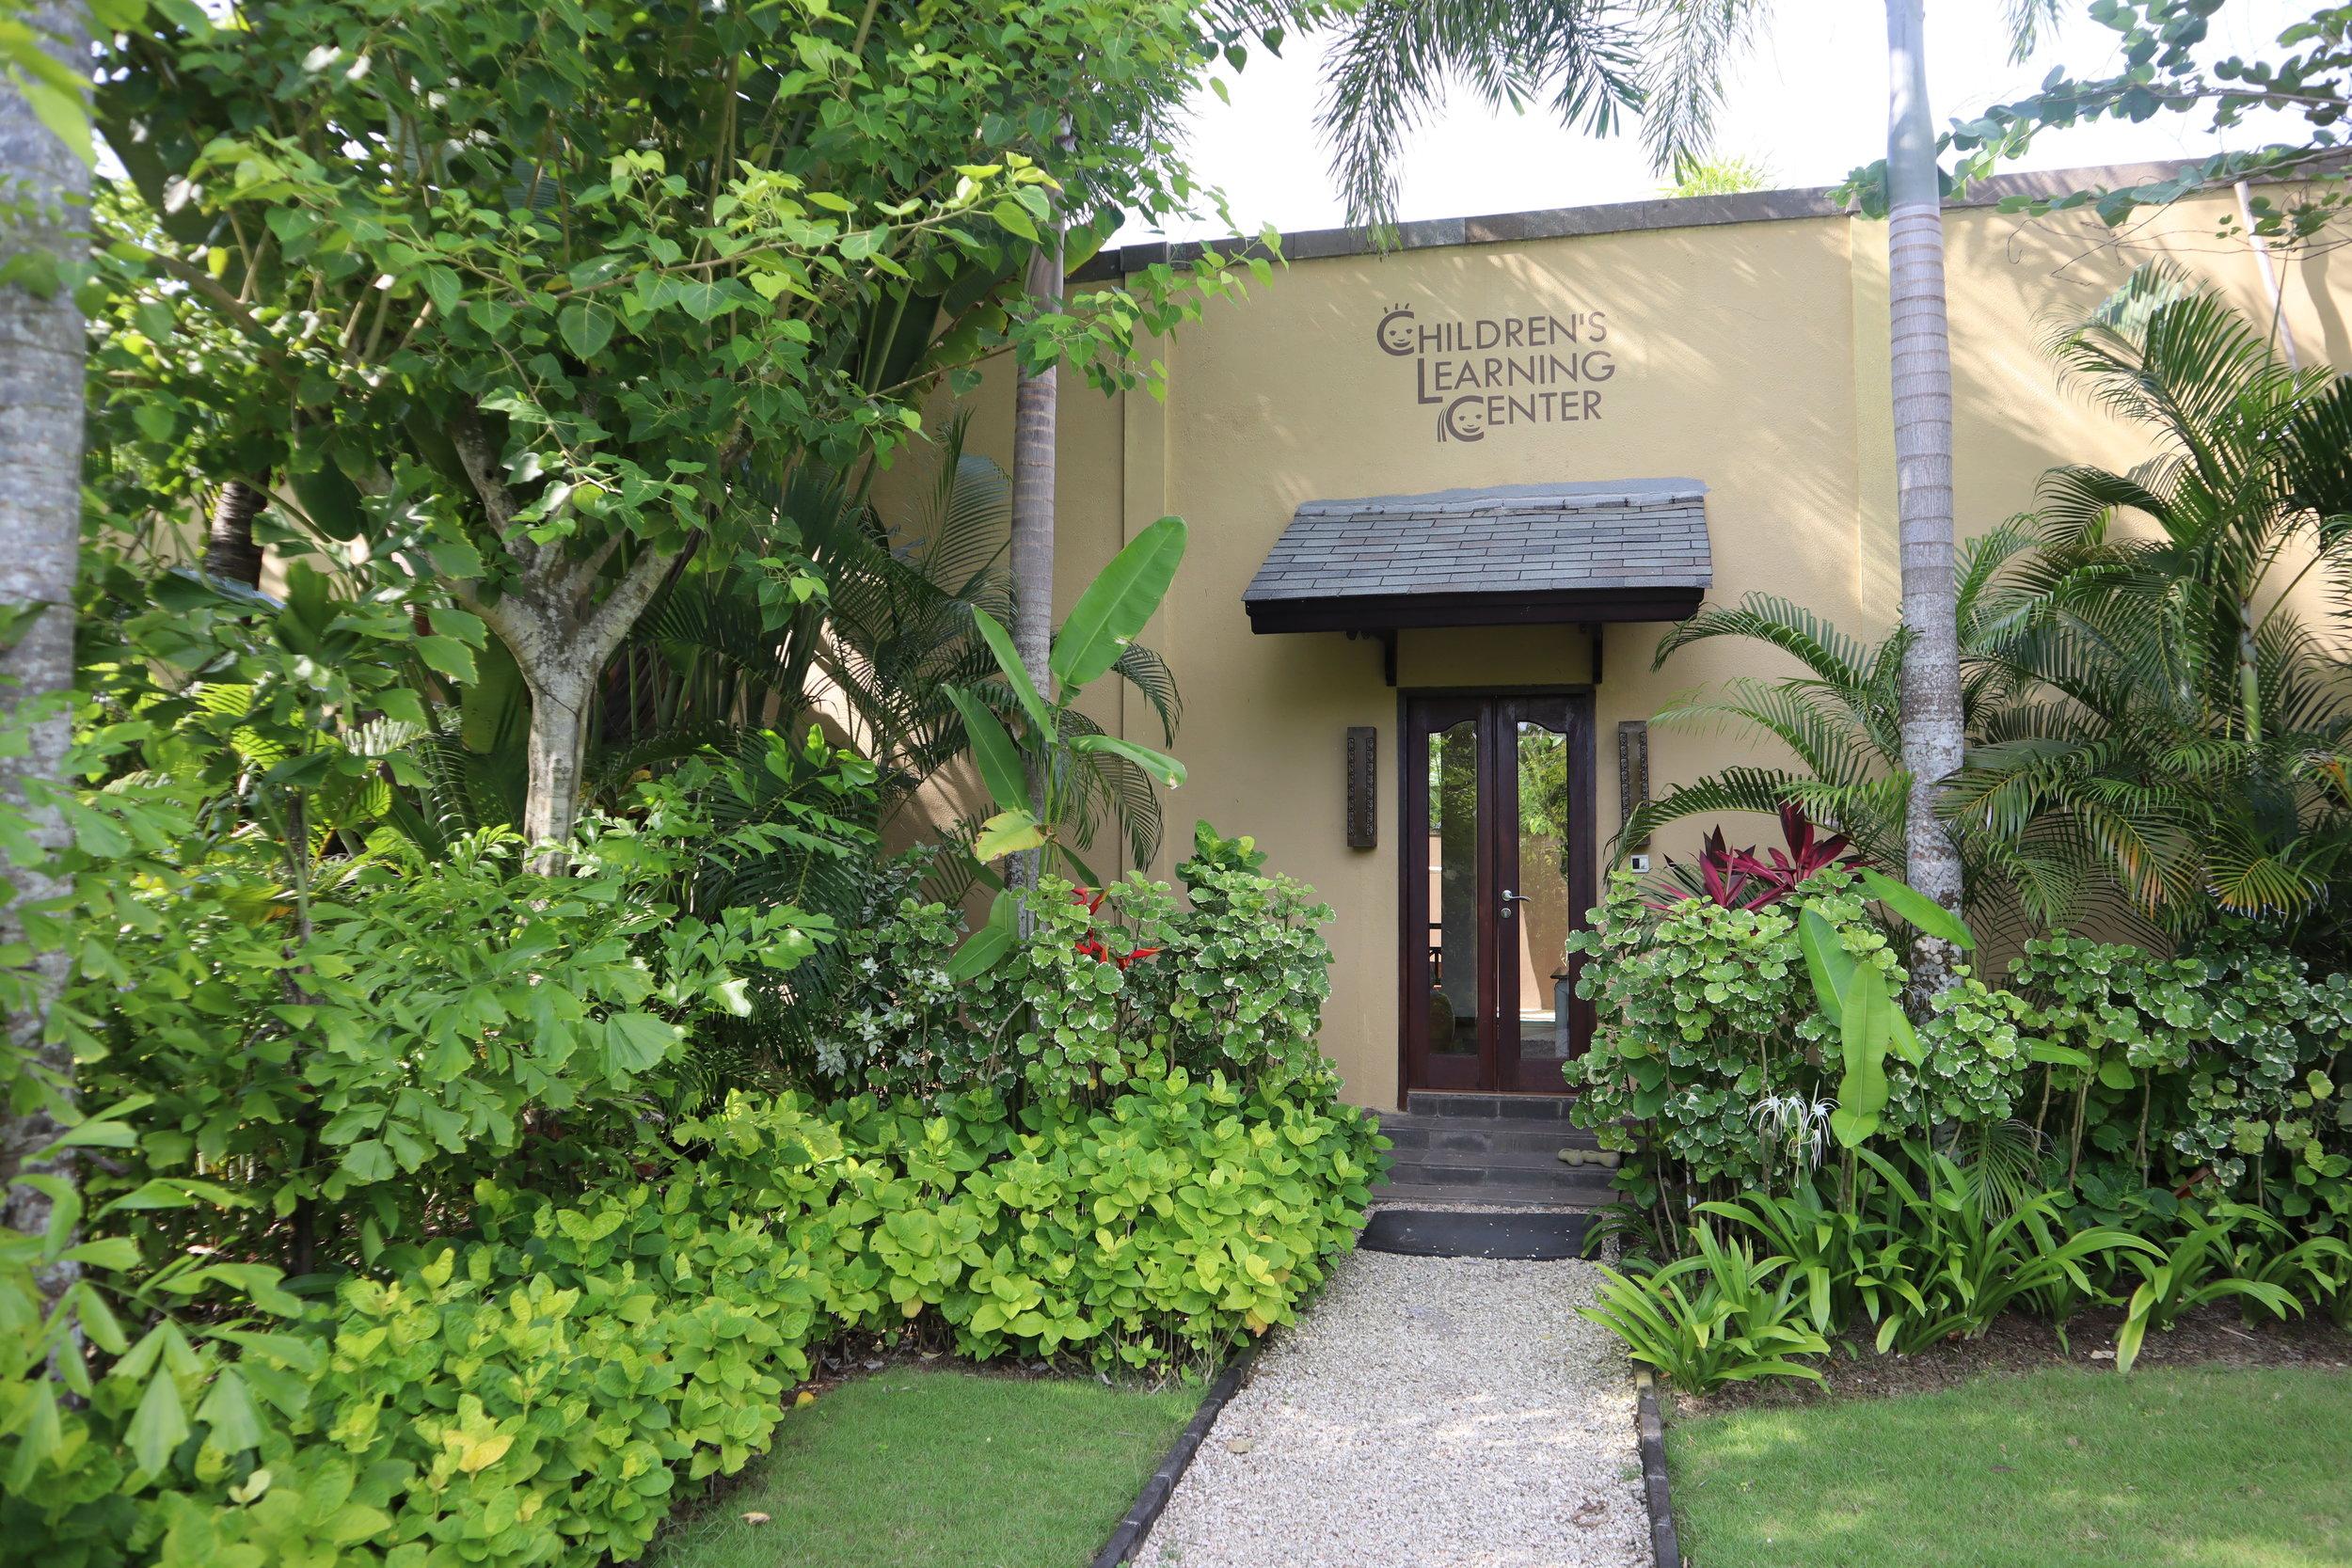 St. Regis Bali – Children's Learning Centre